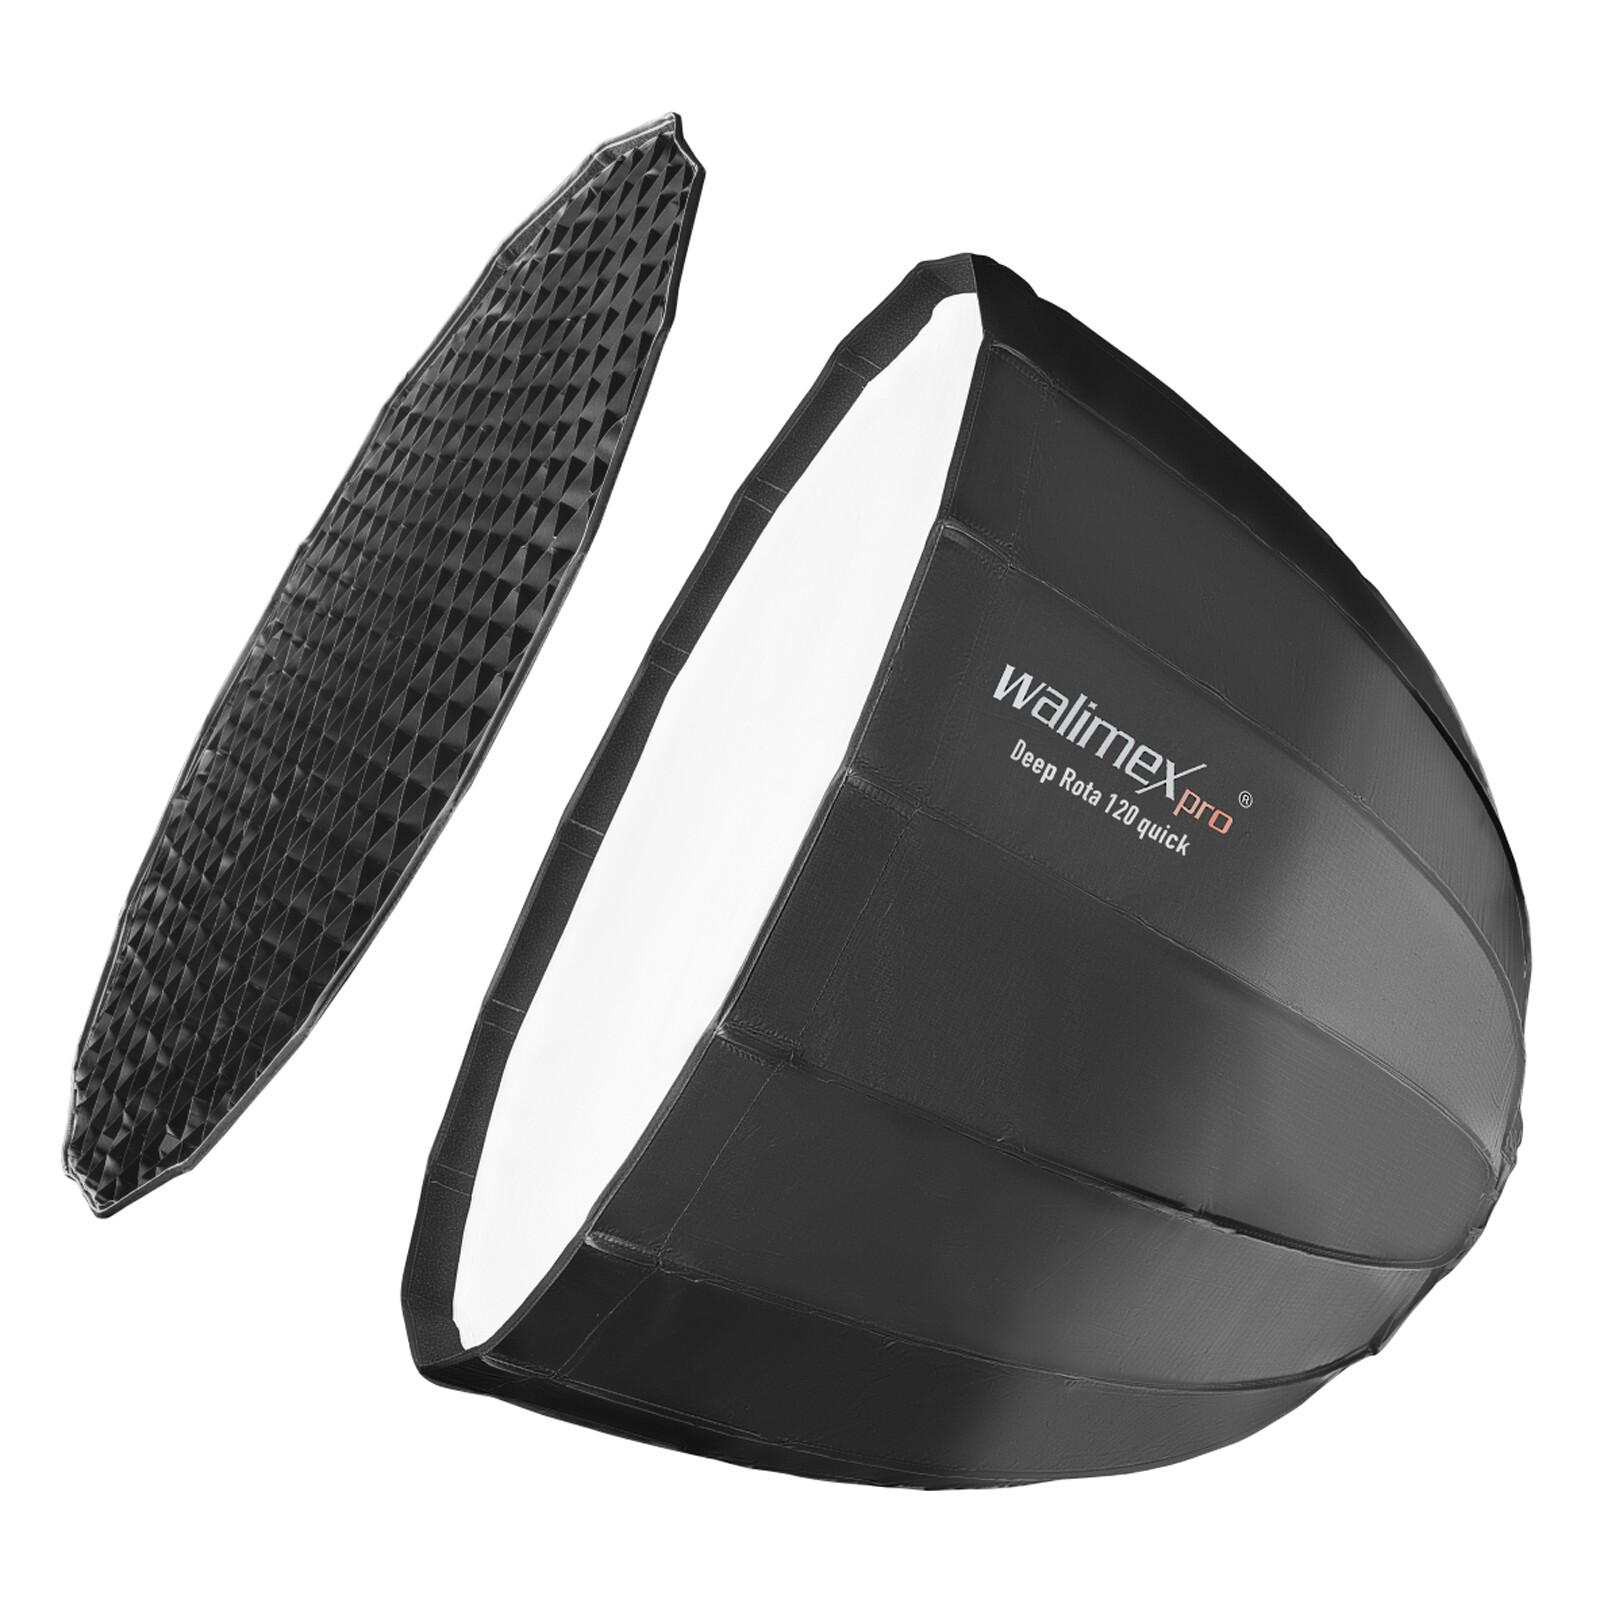 Walimex pro Studio Line Deep Rota Softbox QA120 Multiblitz P